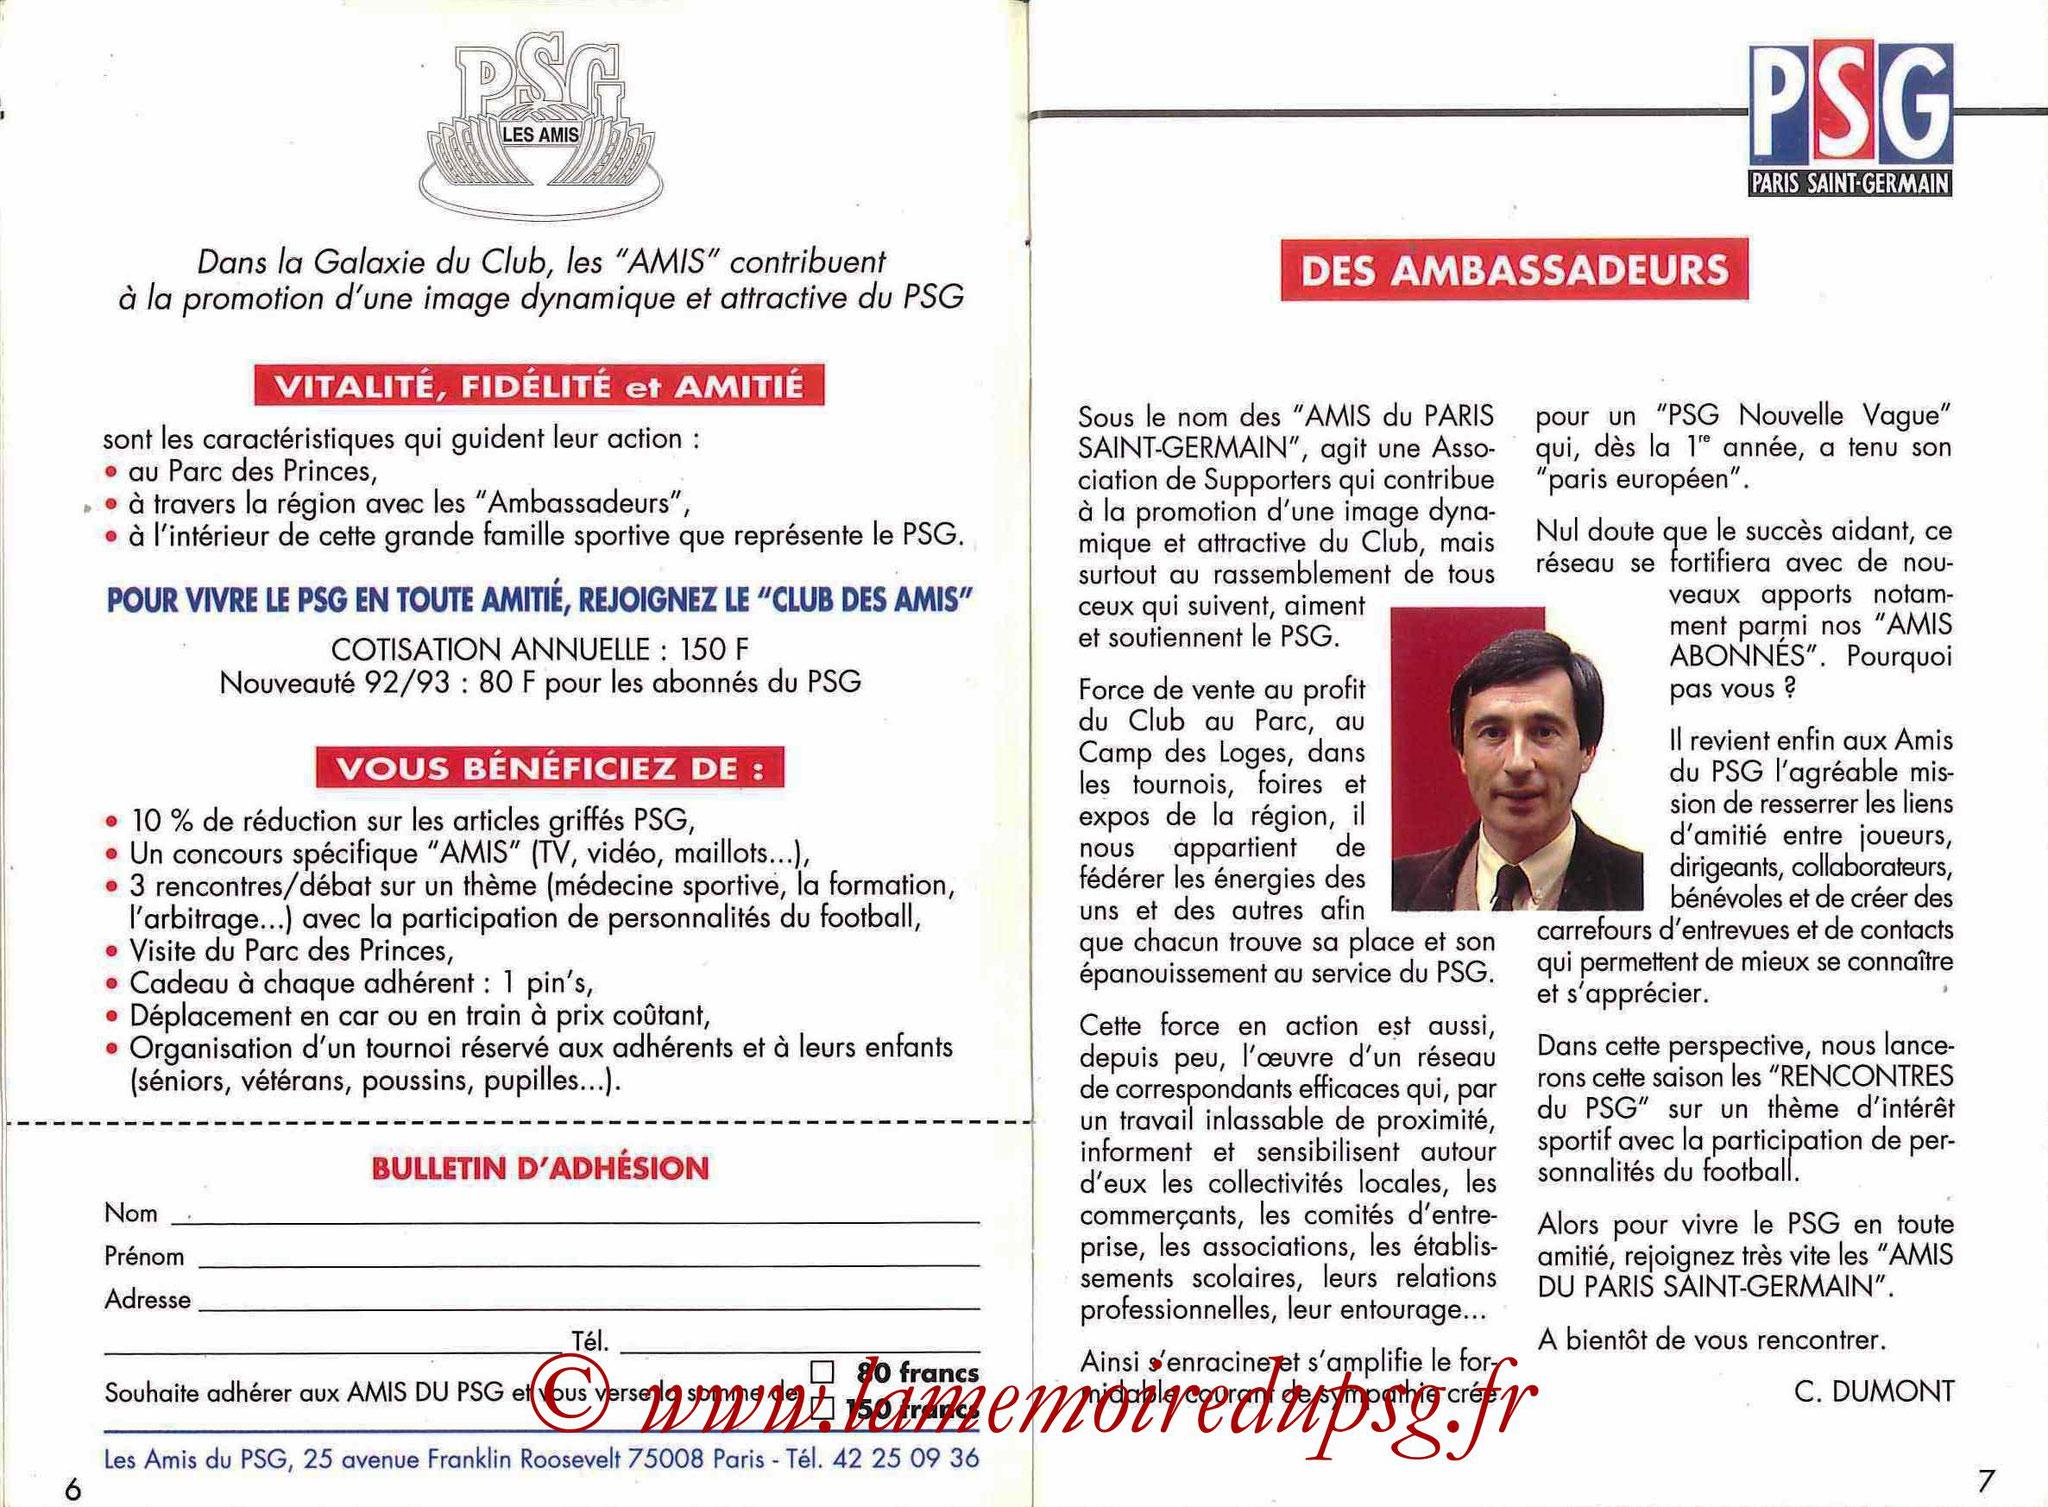 1992-93 - Guide de la Saison PSG - Pages 6 et 7